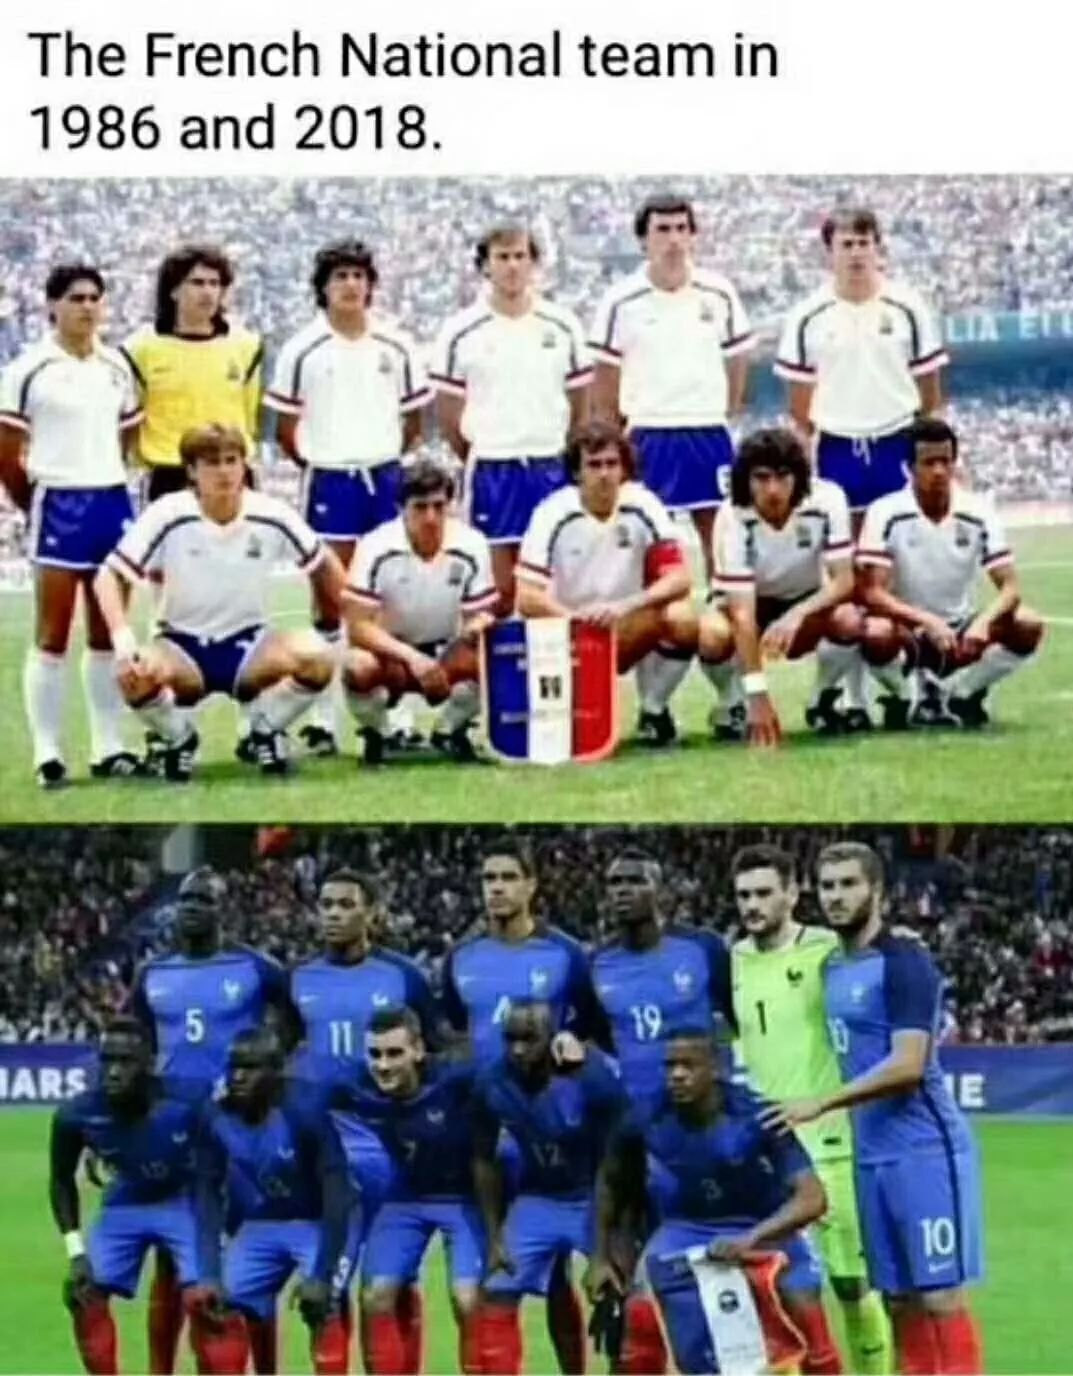 世界杯夺冠的是法国队还是一支非洲球队?